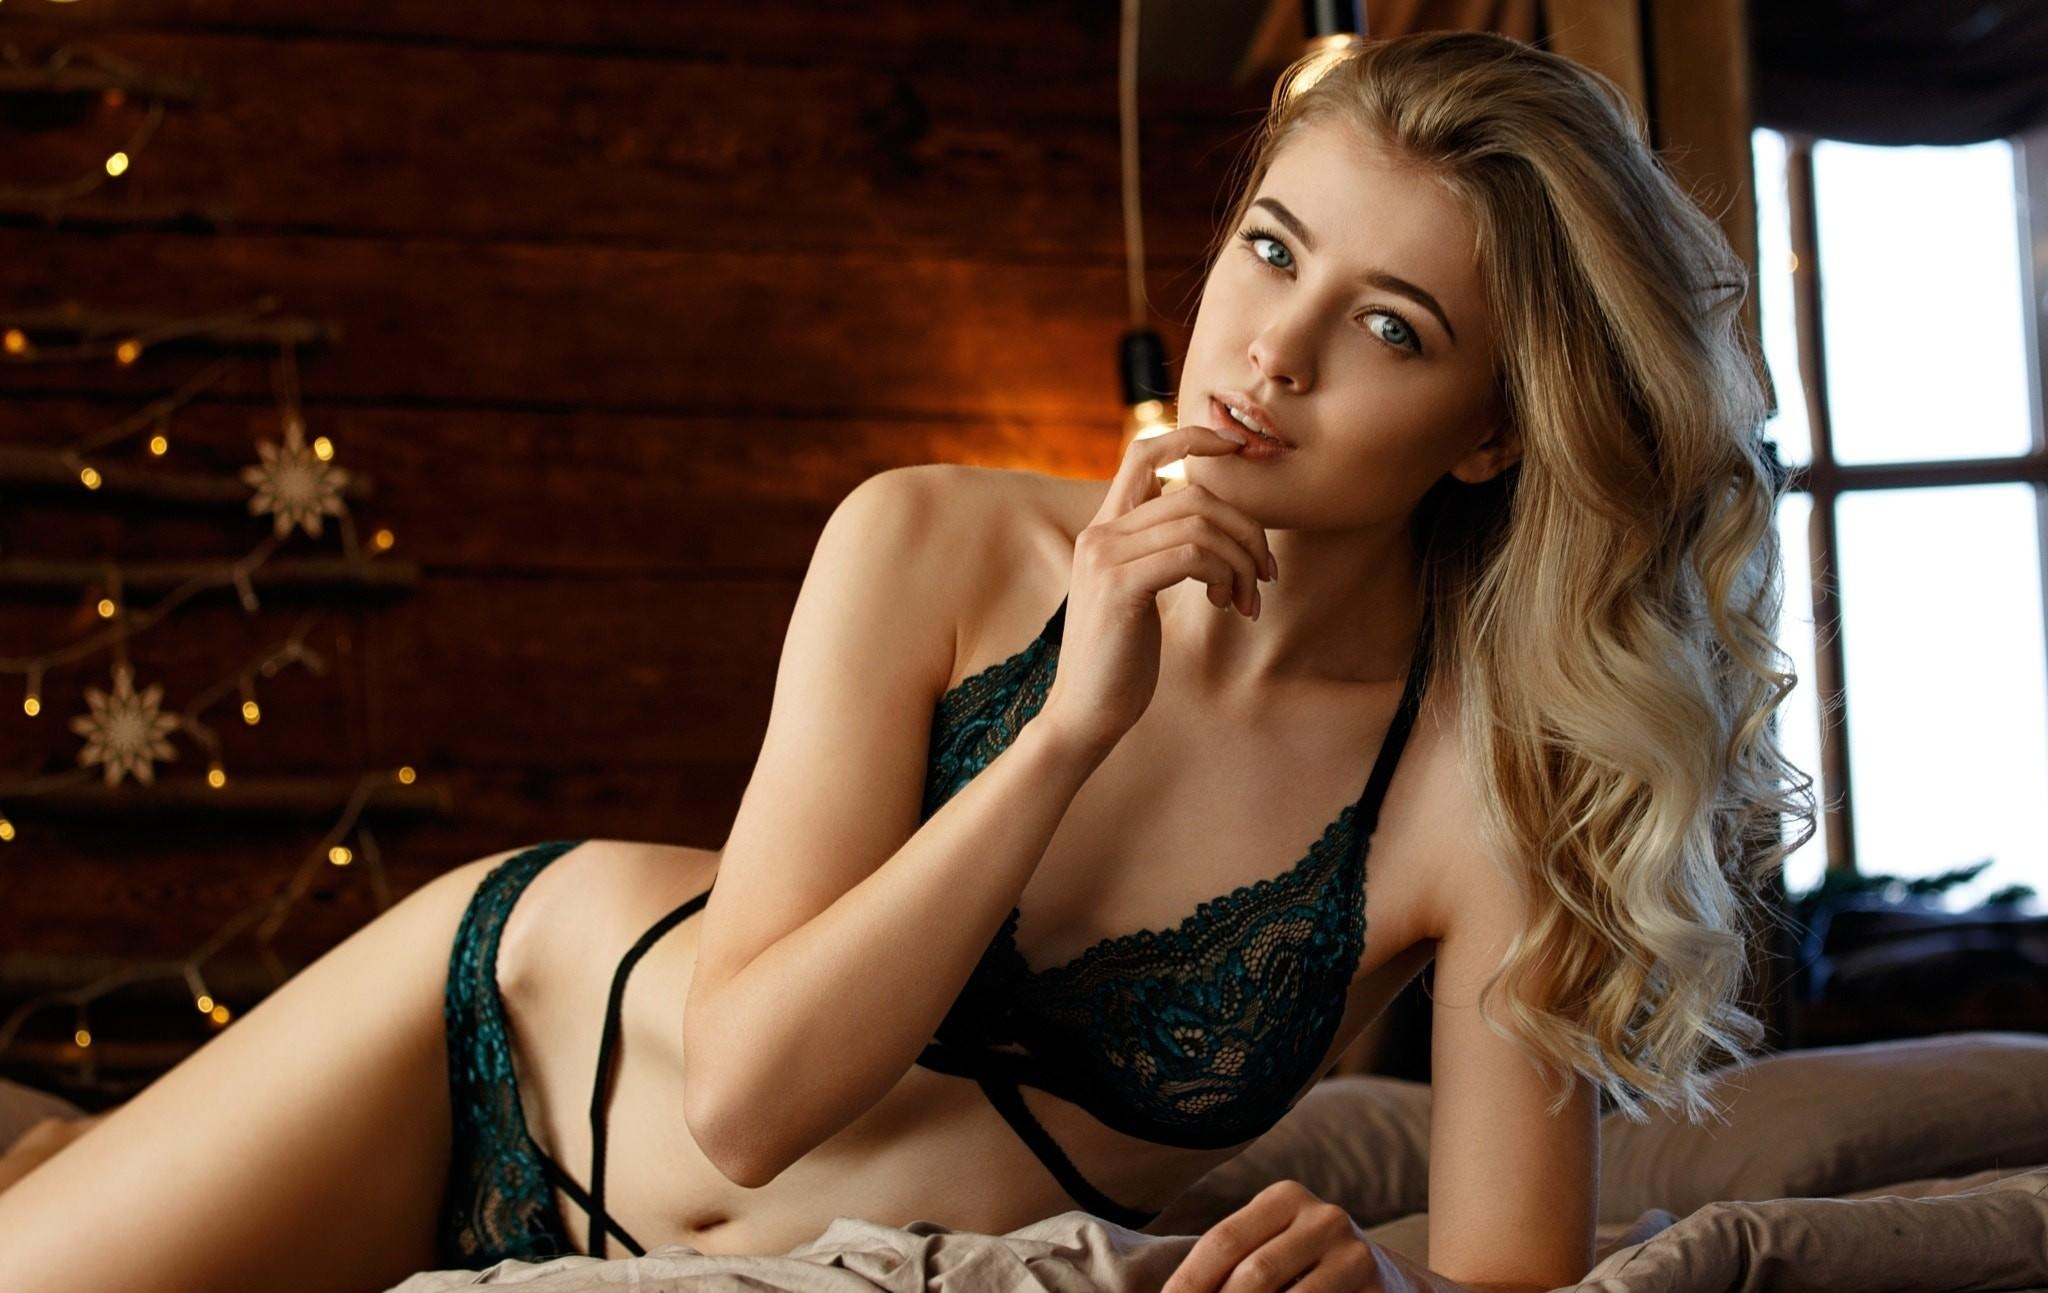 Фото Сексапильная блондинка в темном кружевном белье, постель, загородный домик, скачать картинку бесплатно